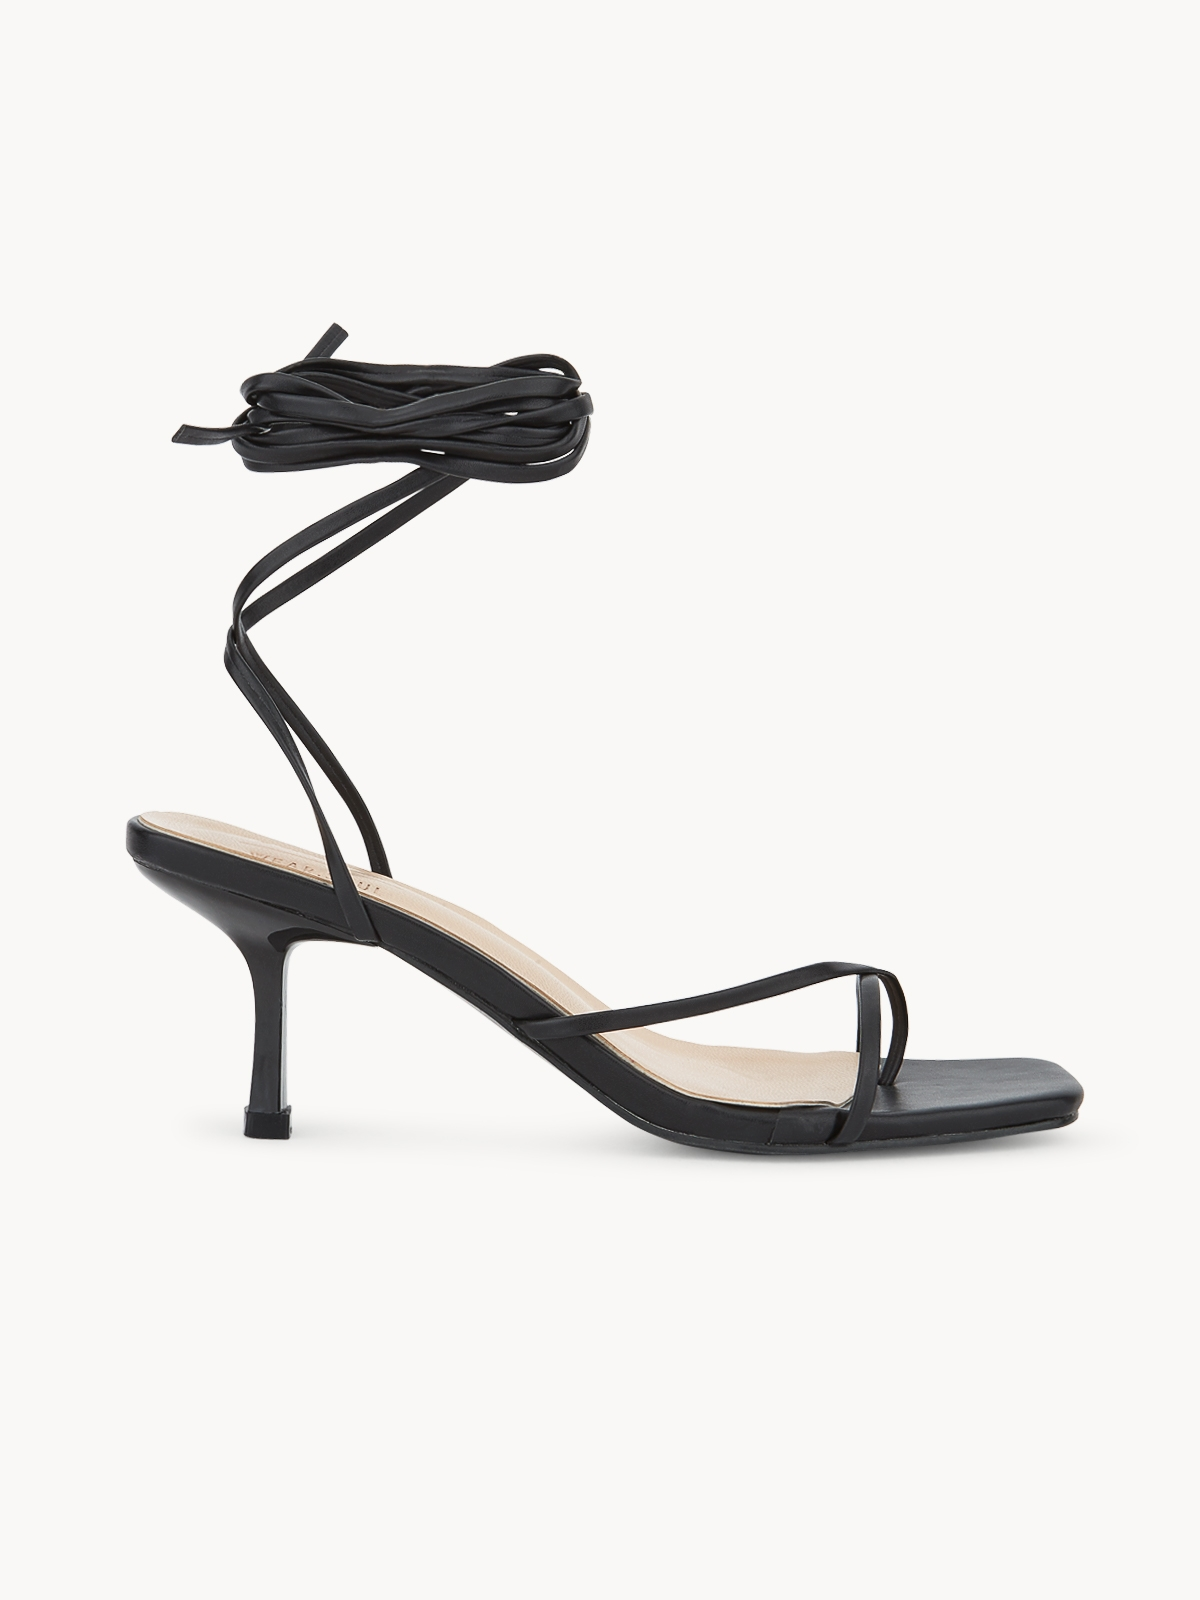 Pomelo x Wear Soul Strapped Sandal Heels Black